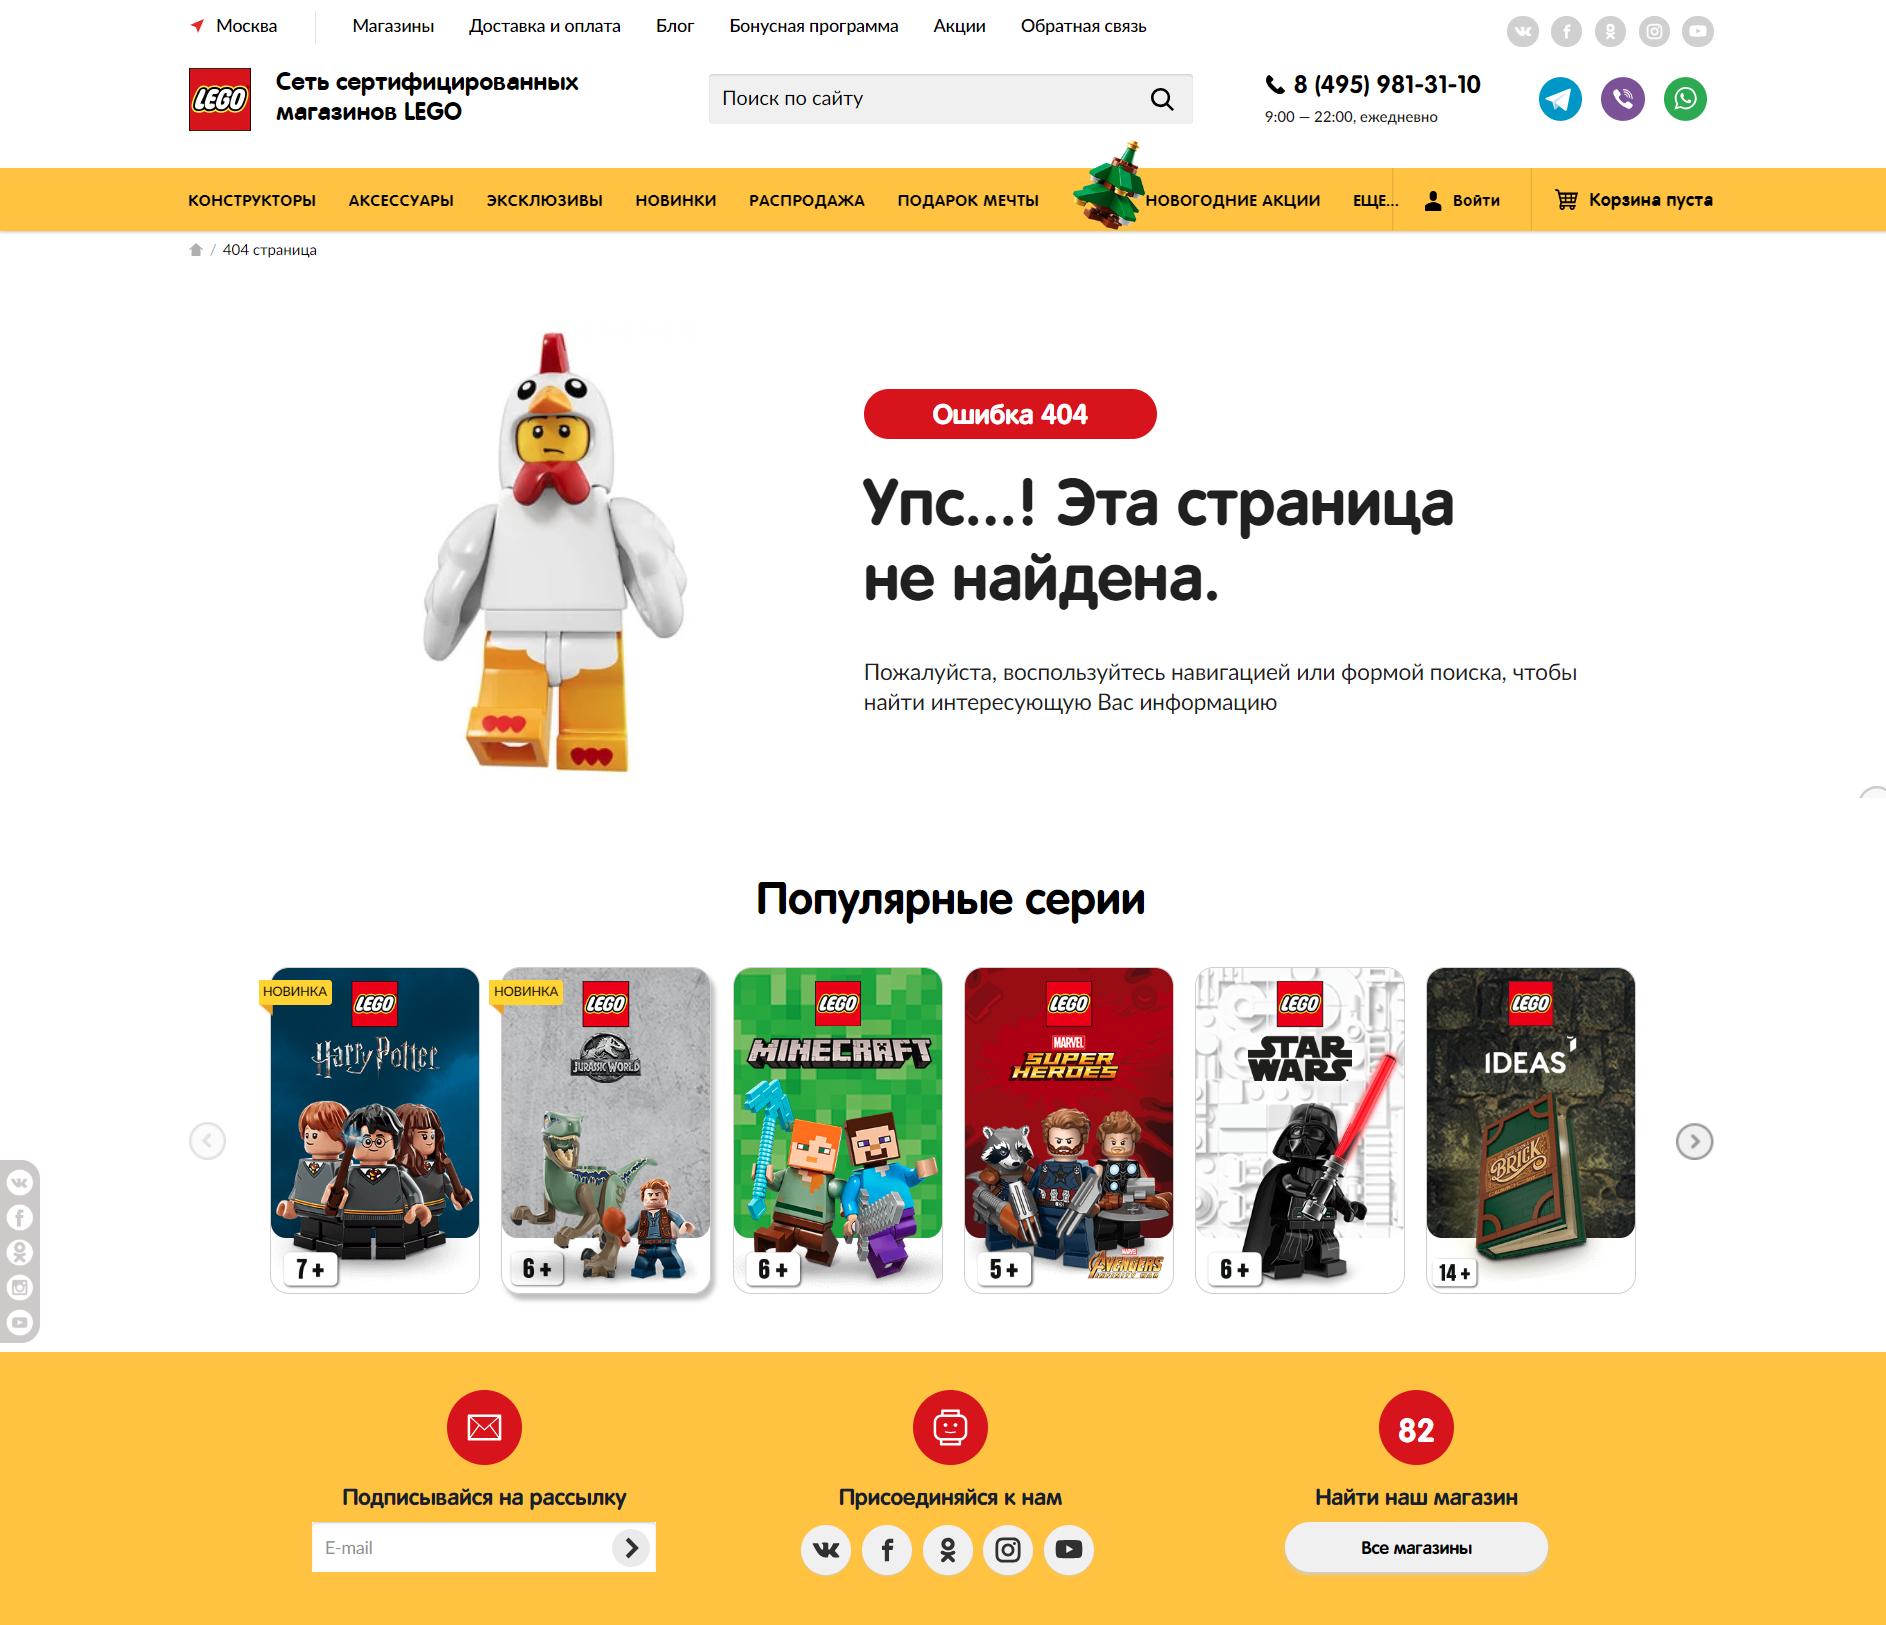 Сеть магазинов Lego предлагает популярные серии товаров